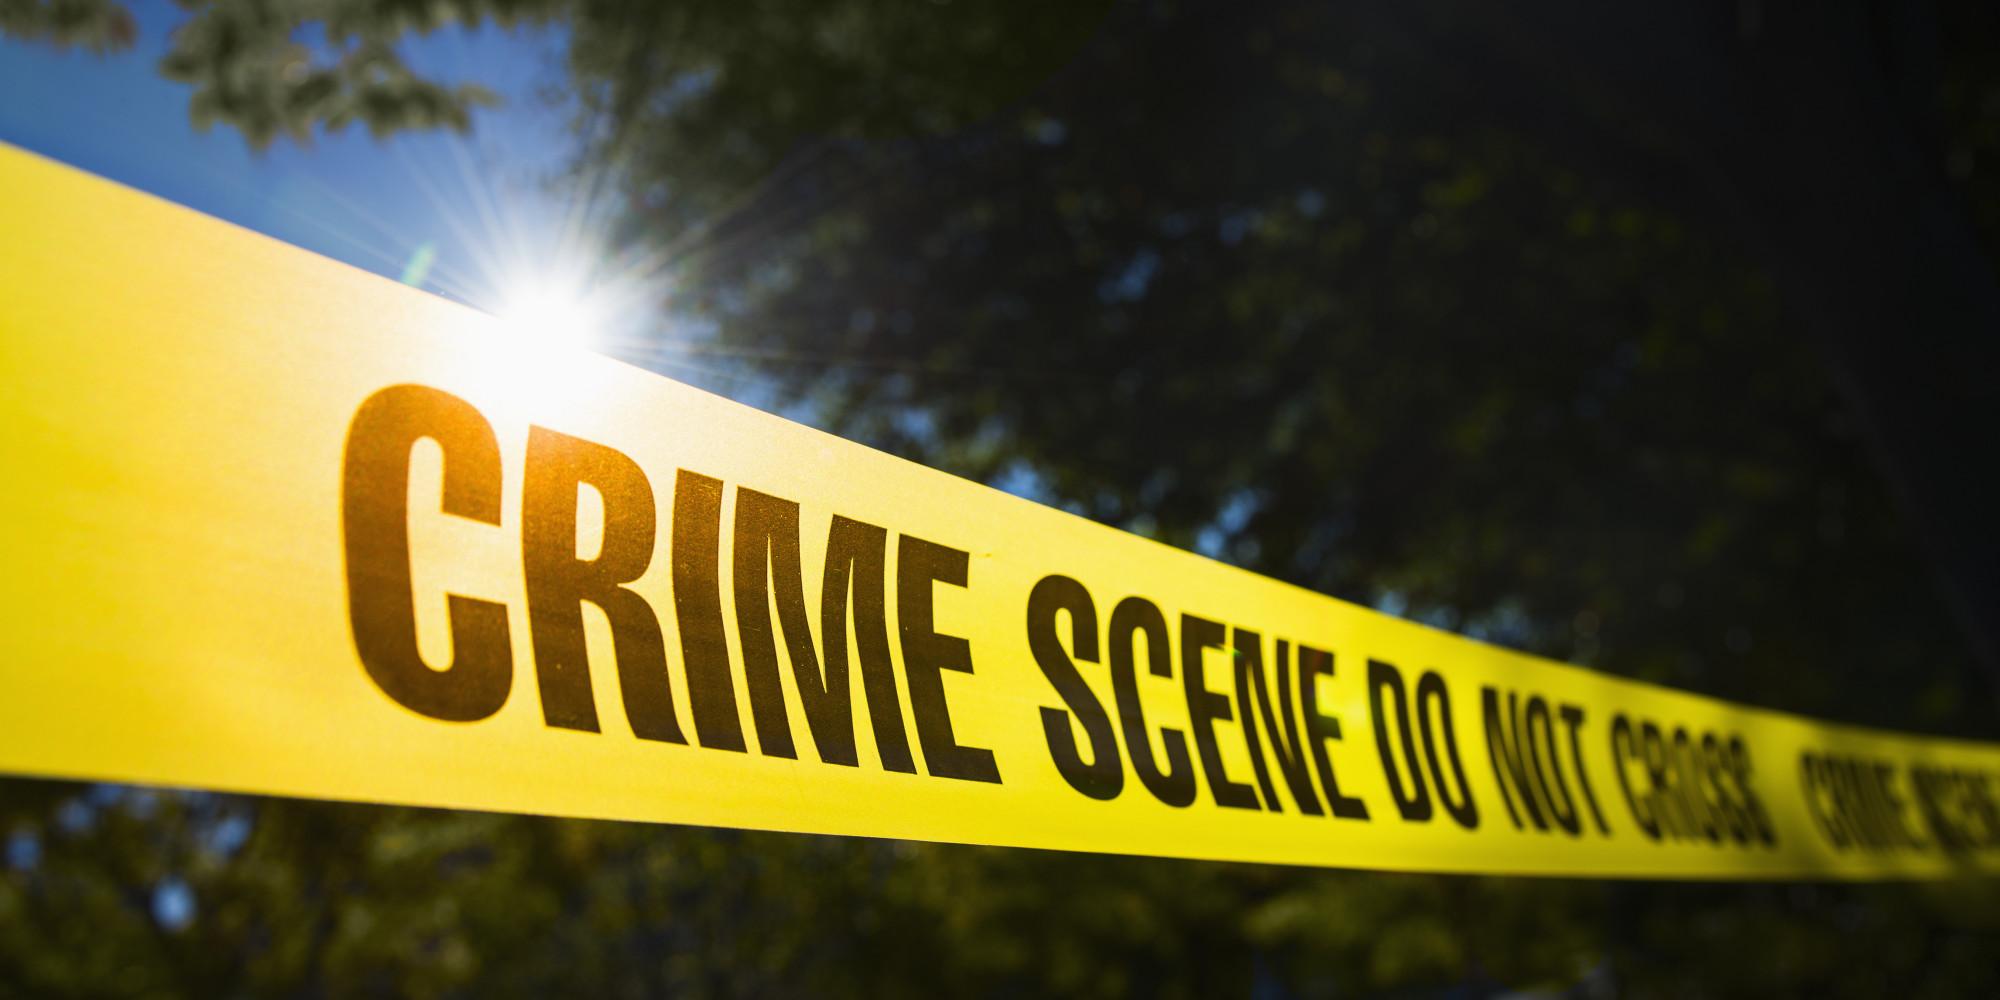 http://i.huffpost.com/gen/1413833/images/o-CRIME-SCENE-facebook.jpg